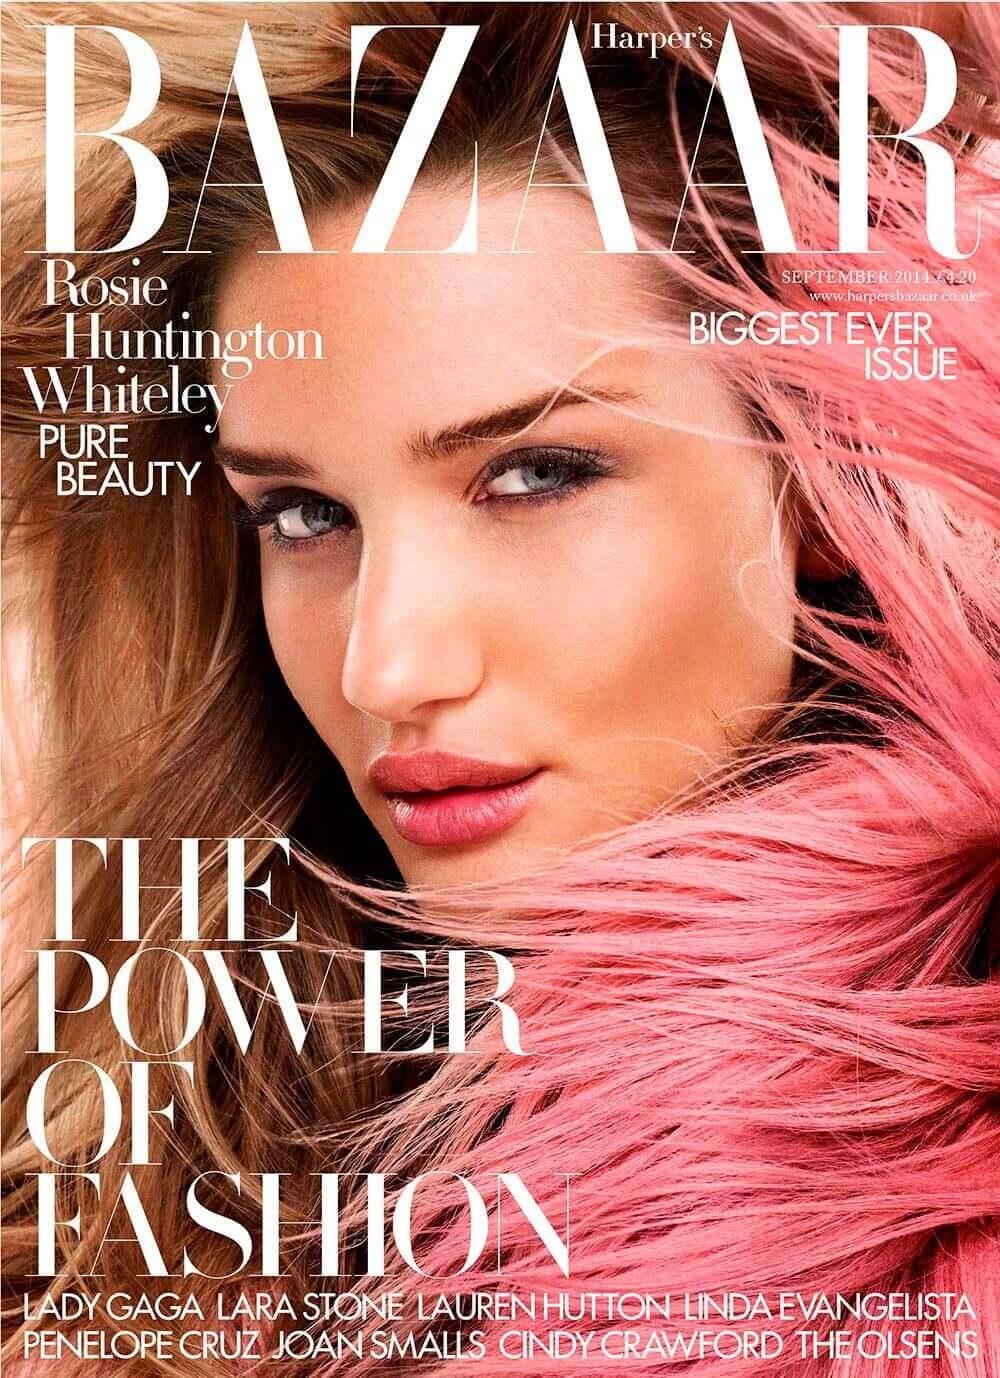 Harper's Bazaar UK - September 2014 cover